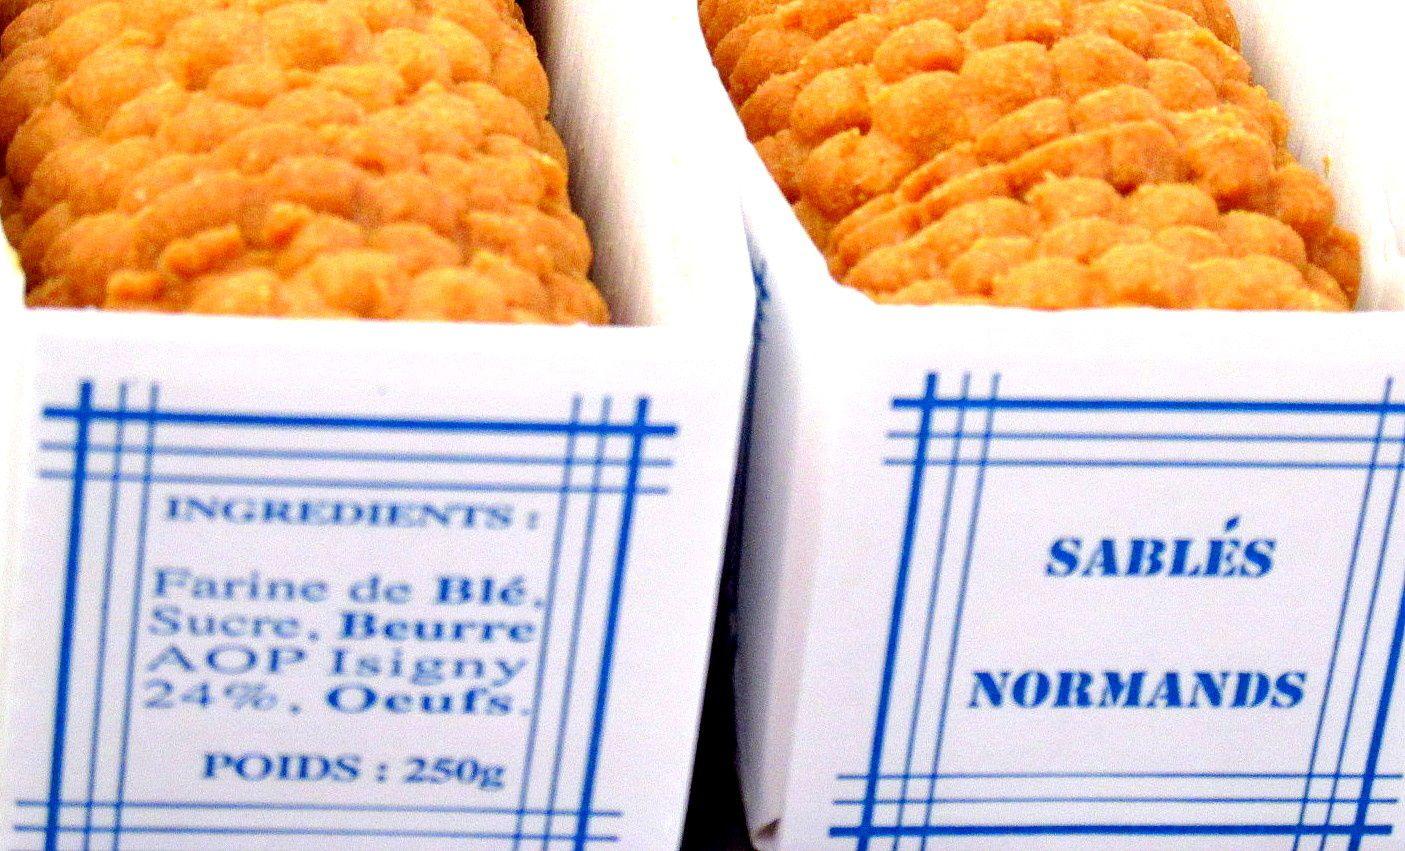 ~ Jour 2 ~ A-M : Visite de la biscuiterie d'Asnelles ~ Sablés normands ~